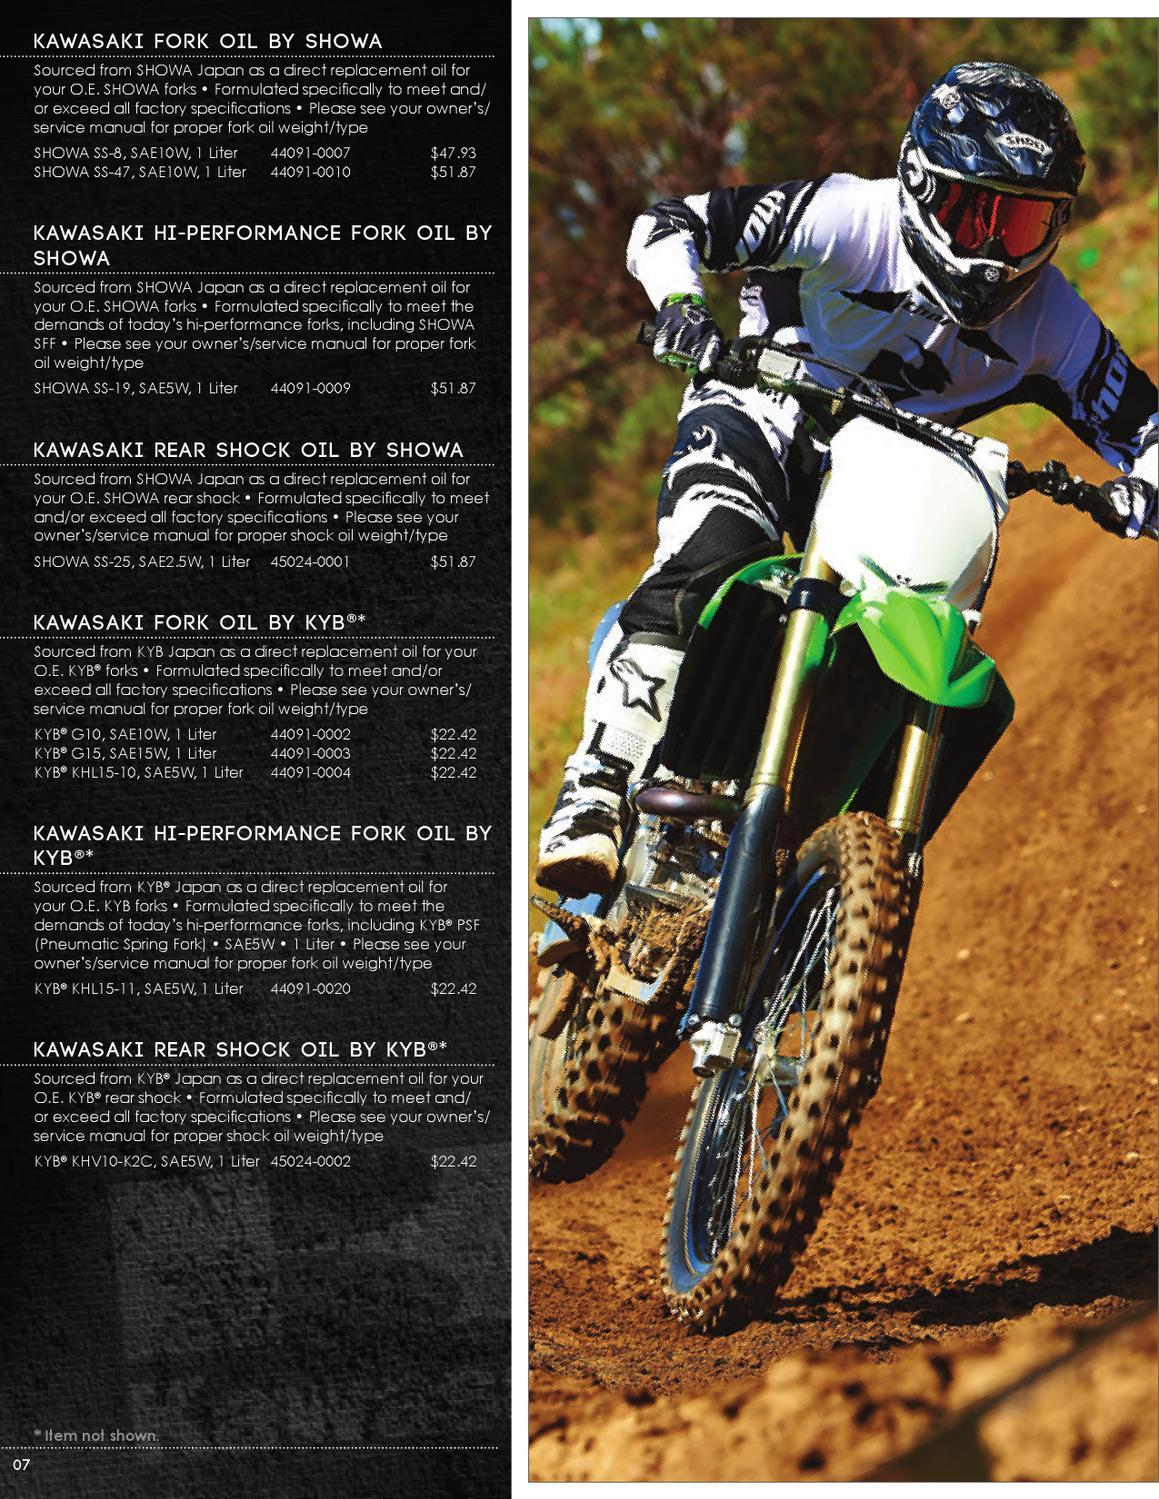 2013 Kawasaki Essentials Catalog by Echo Design - issuu